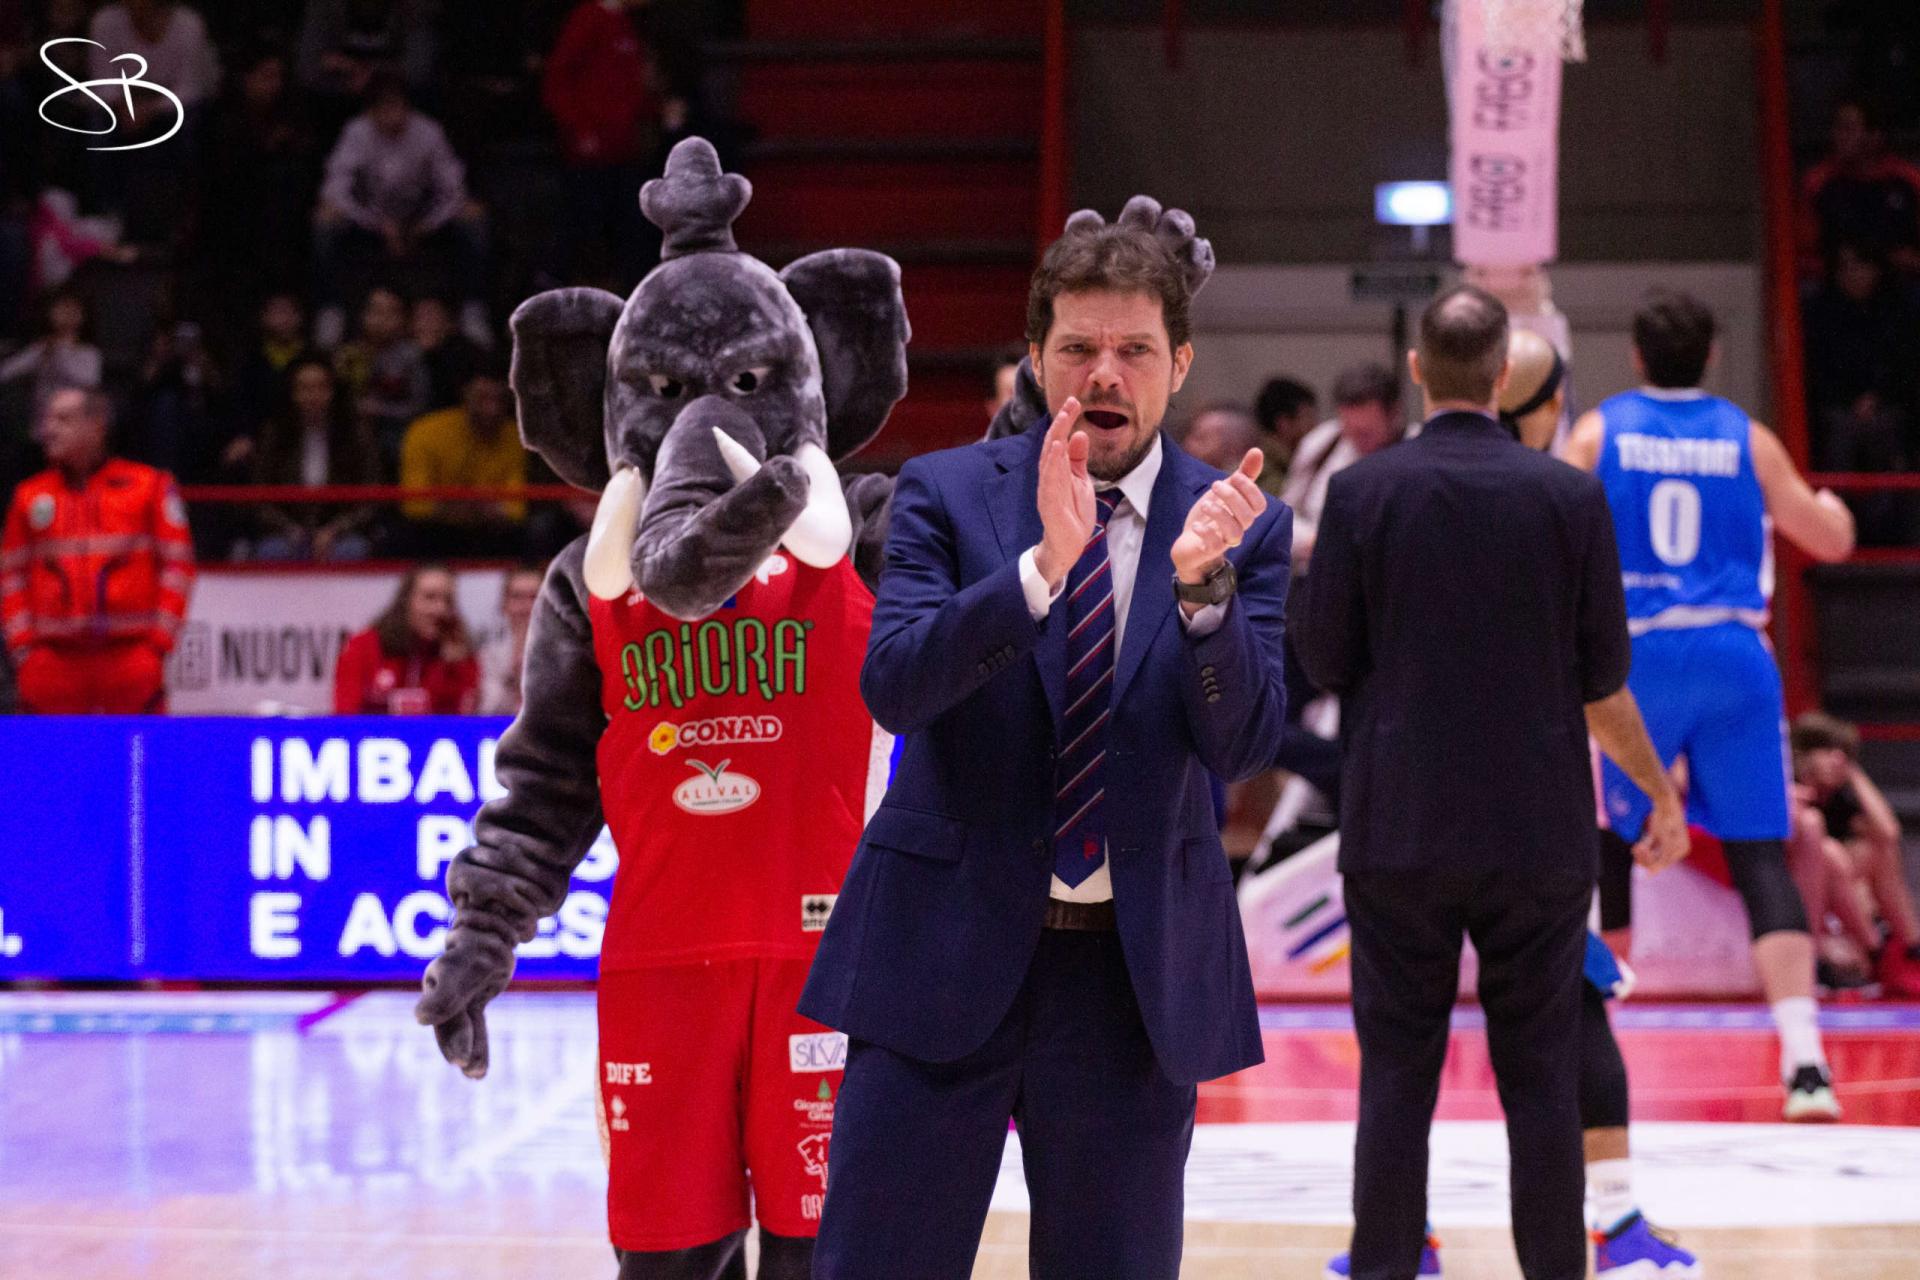 Basket, Pistoia: confermato anche l'assistan coach Fabio Bongi